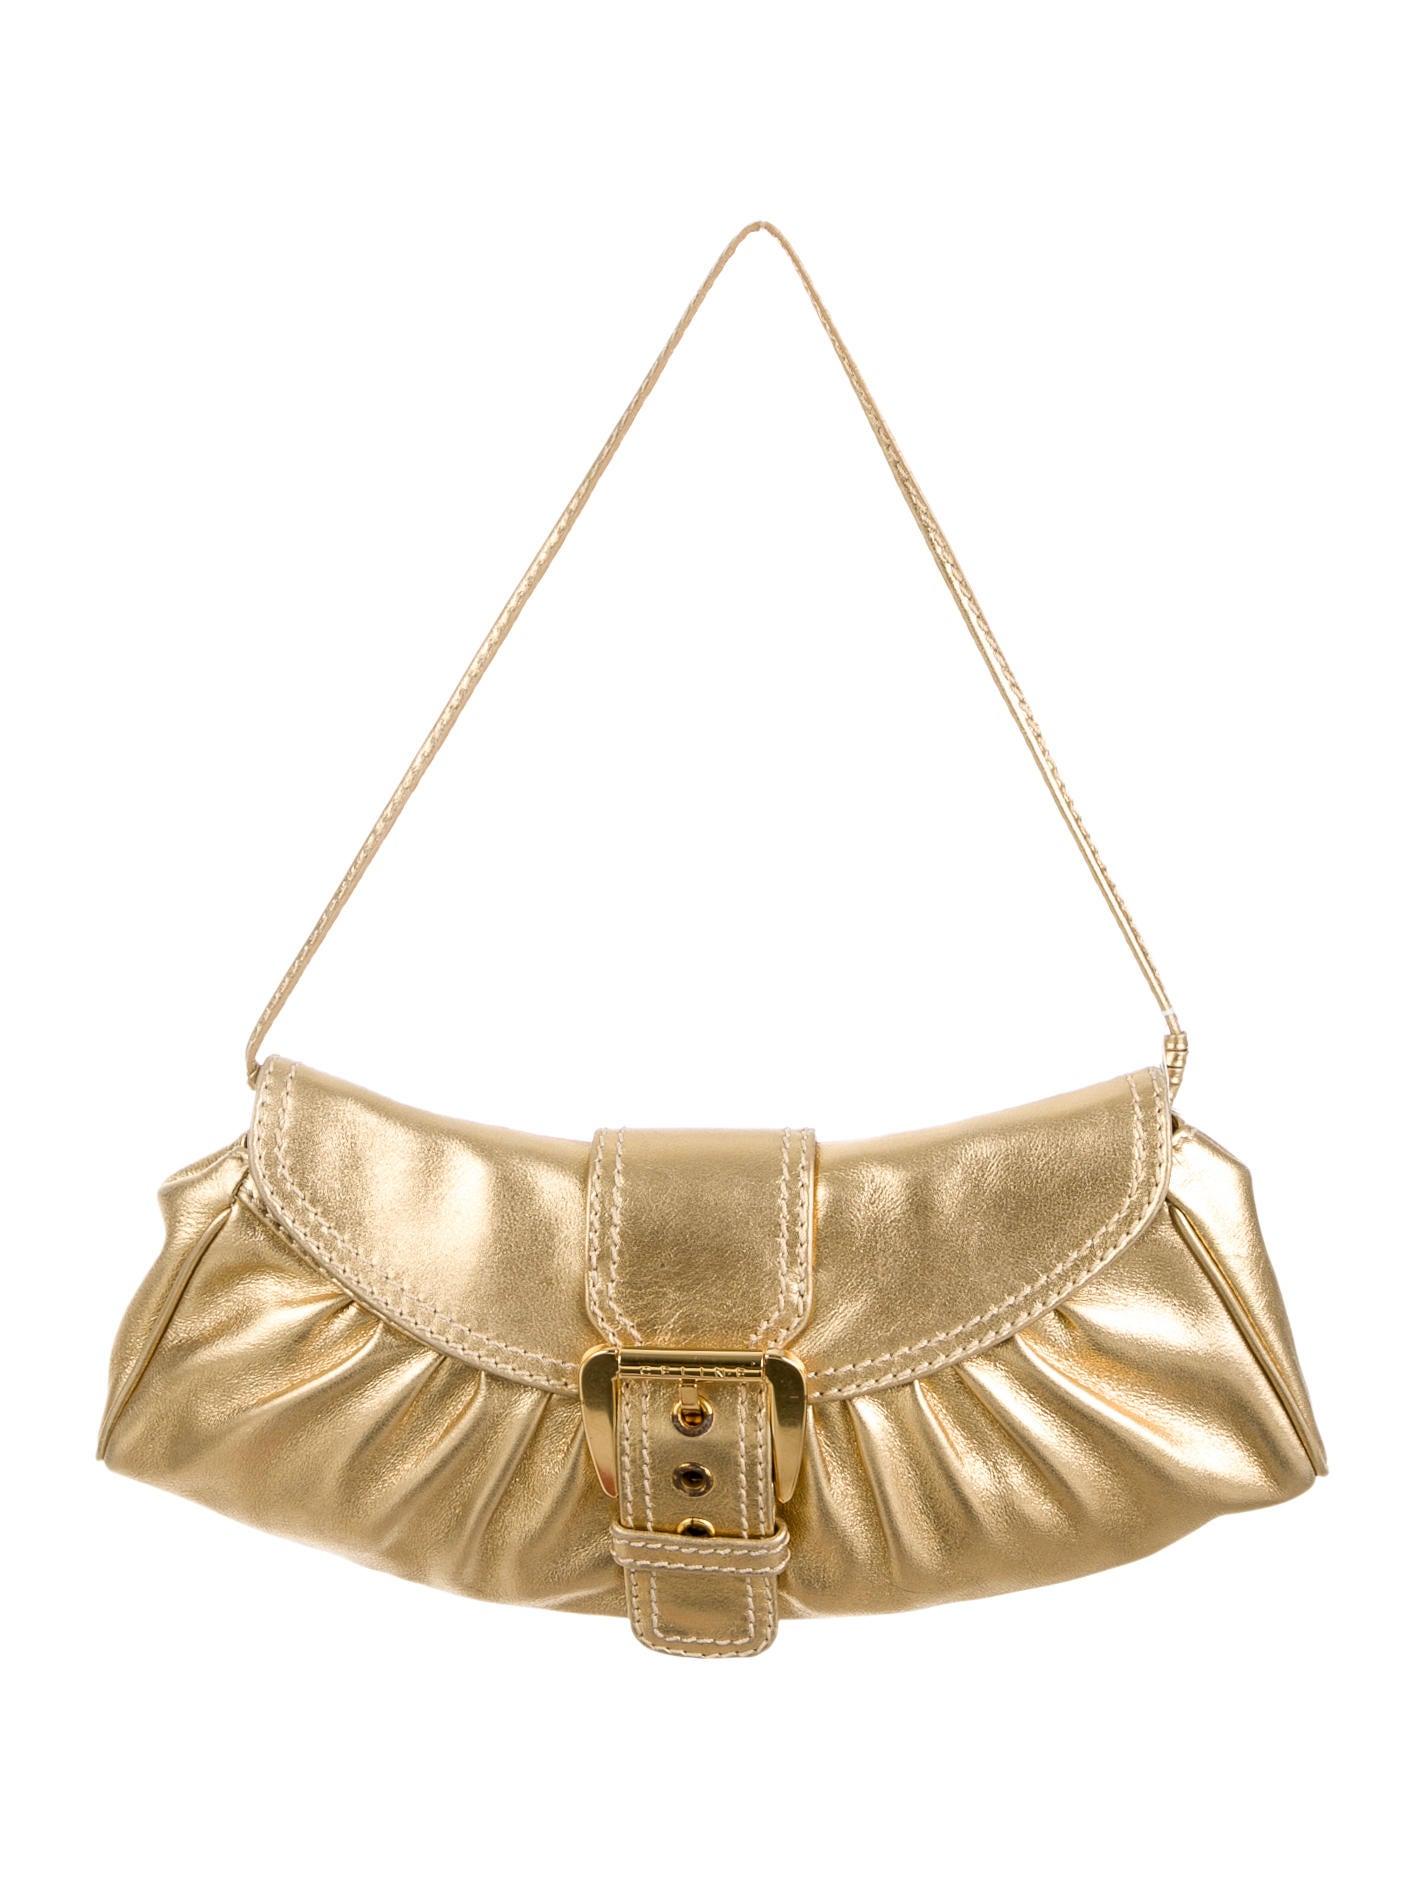 C��line Shoulder Bag - Handbags - CEL29622 | The RealReal